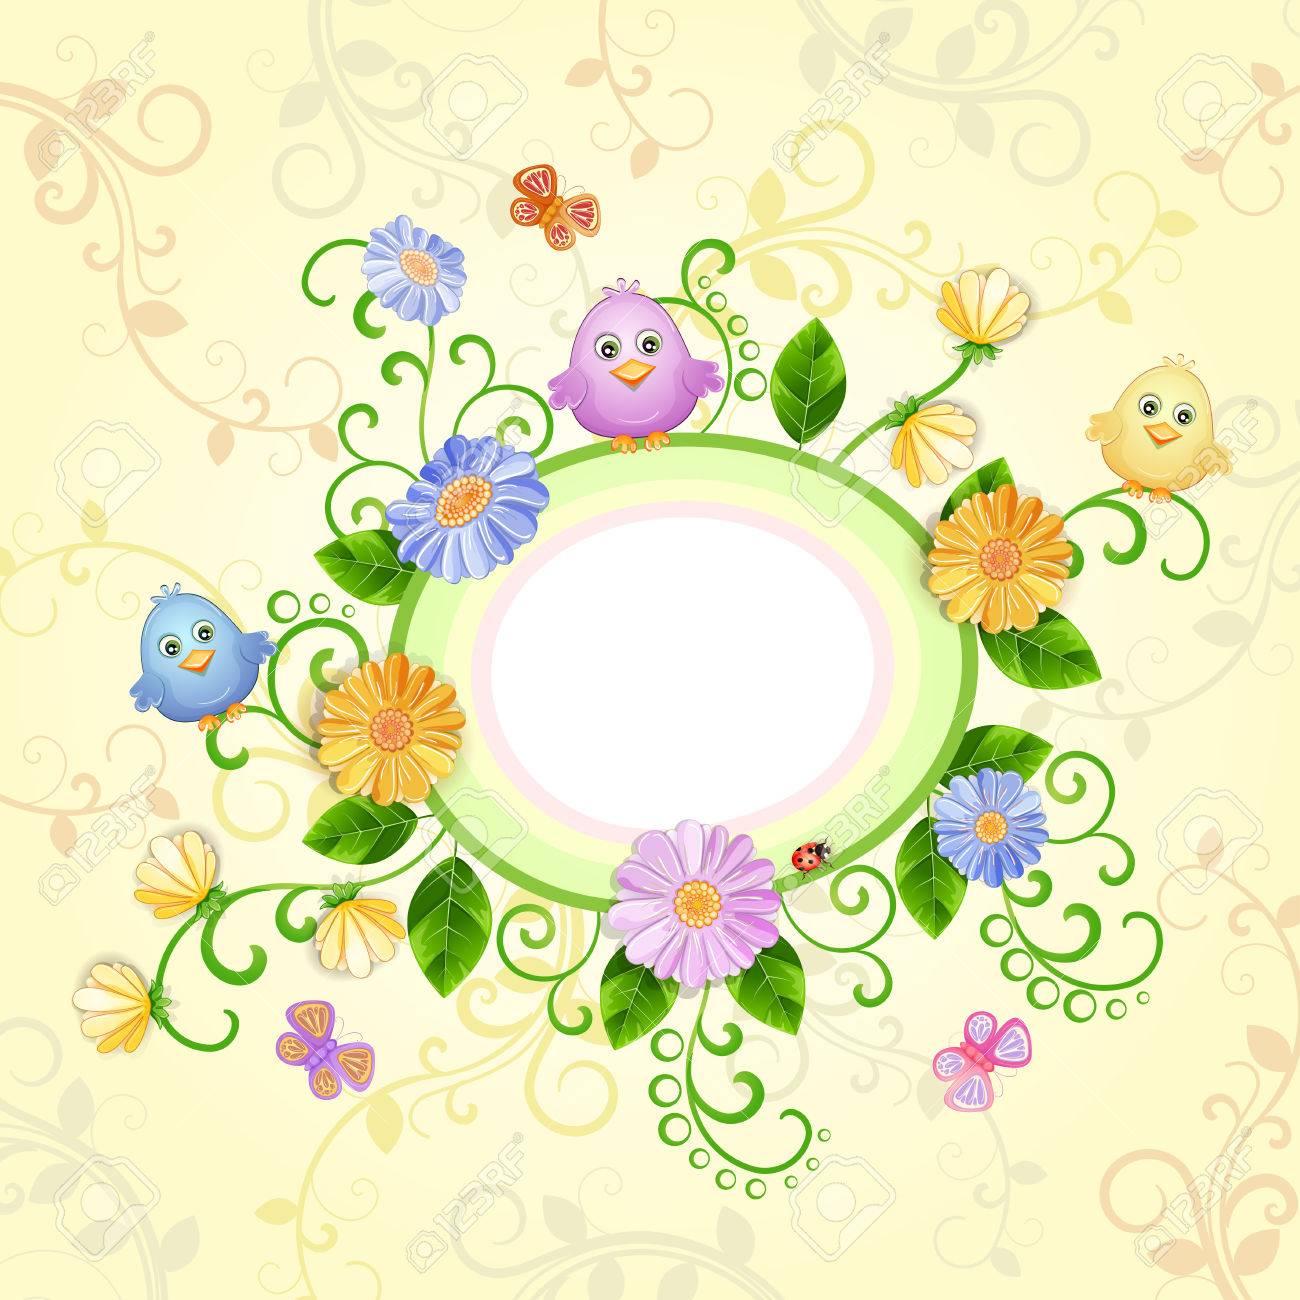 美しい花とかわいい鳥と蝶春イラストのイラスト素材ベクタ Image